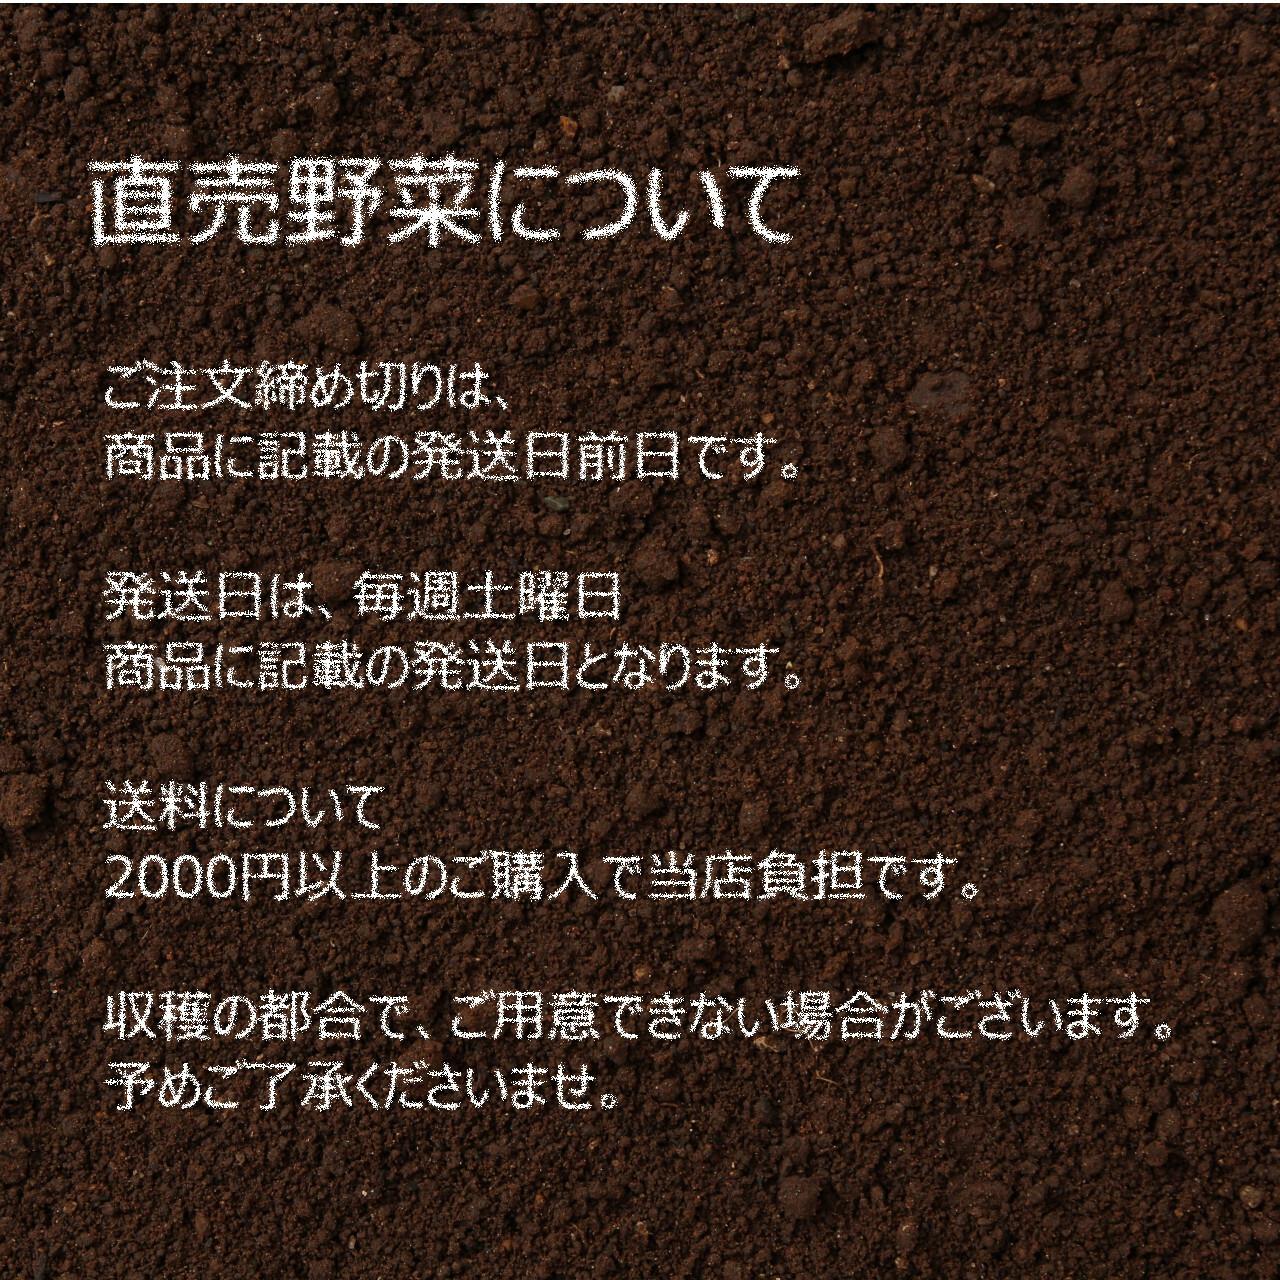 青ジソ 約100g : 6月の朝採り直売野菜 春の新鮮野菜 6月20日発送予定